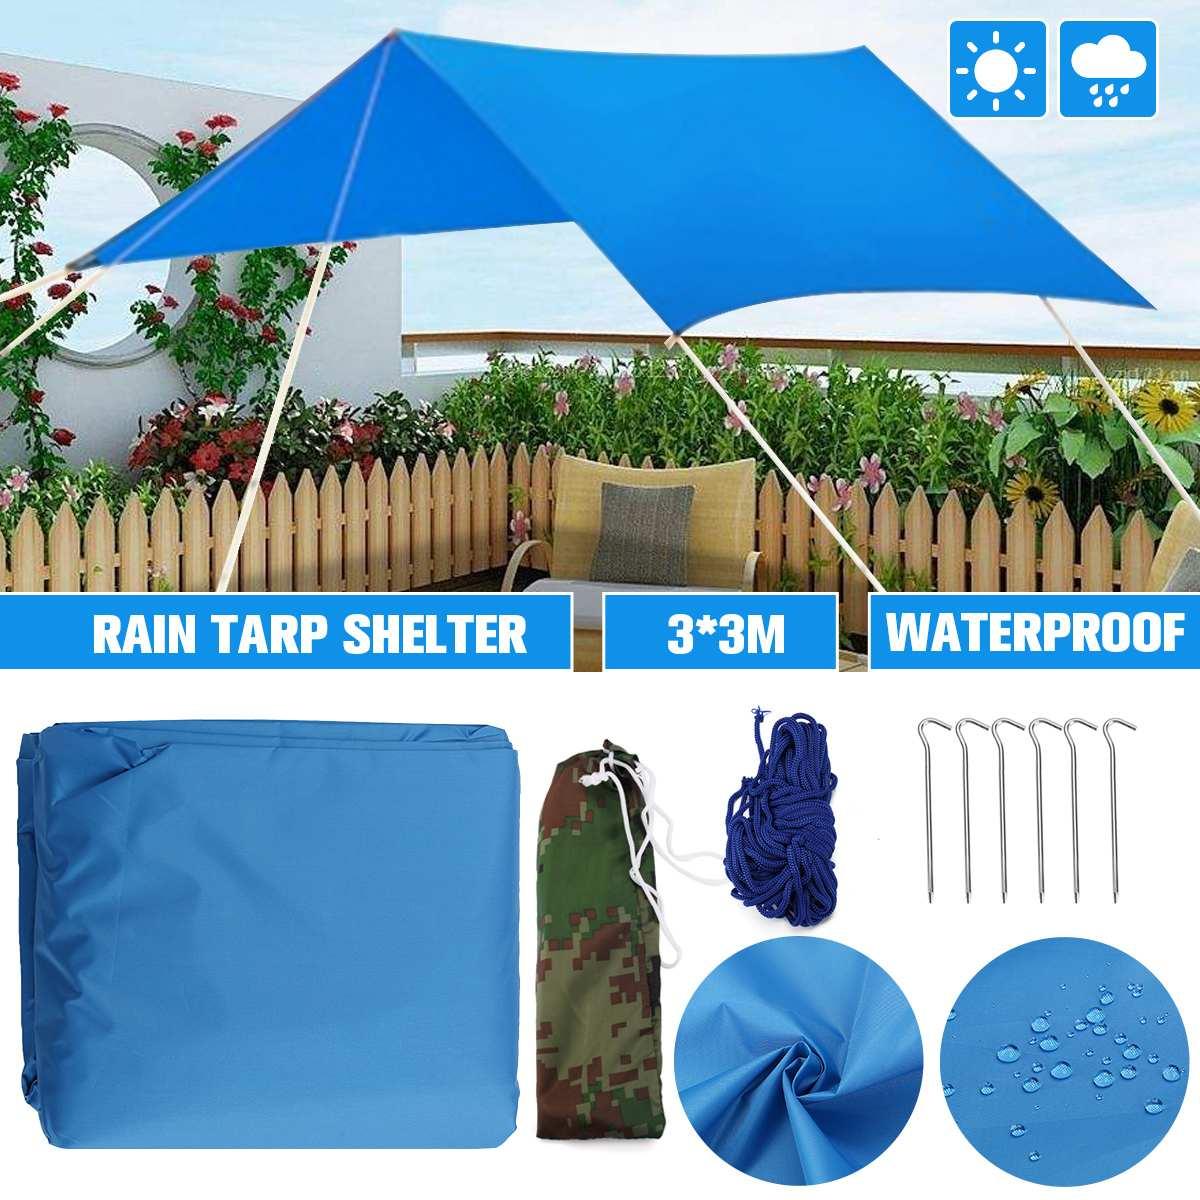 3*3m étanche soleil abri parasol Protection extérieure auvent jardin Patio piscine ombre voile auvent Camping pique-nique tente avec corde